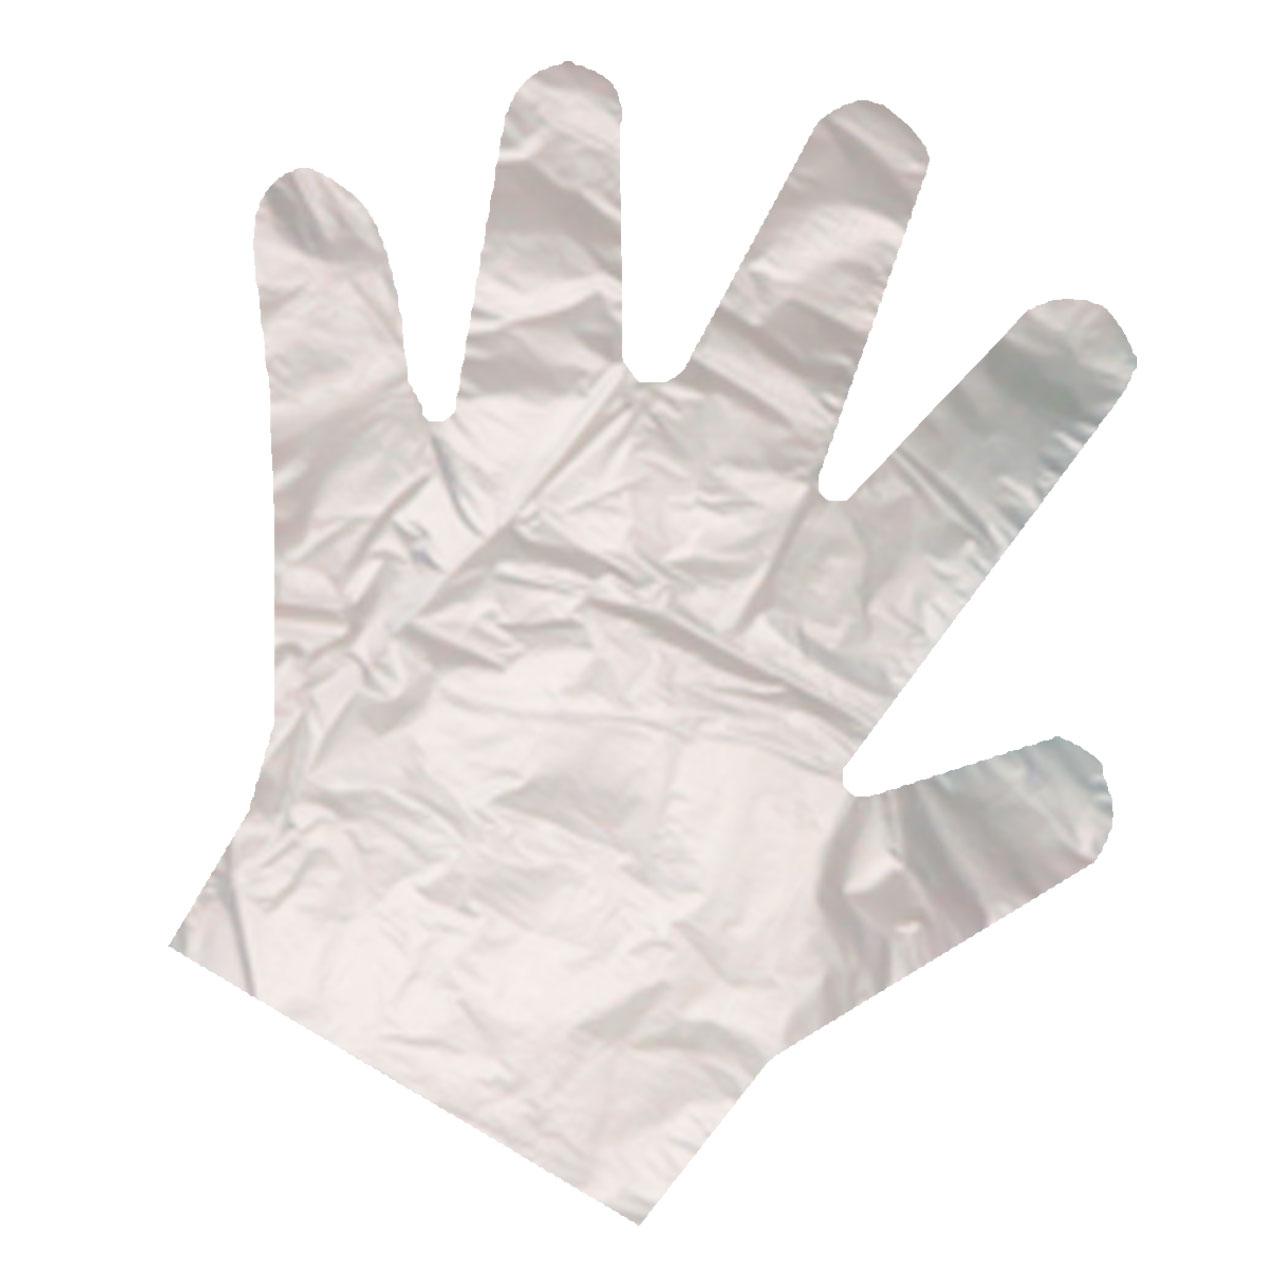 دستکش یکبار مصرف پوش کد IGD01 بسته 100 عددی